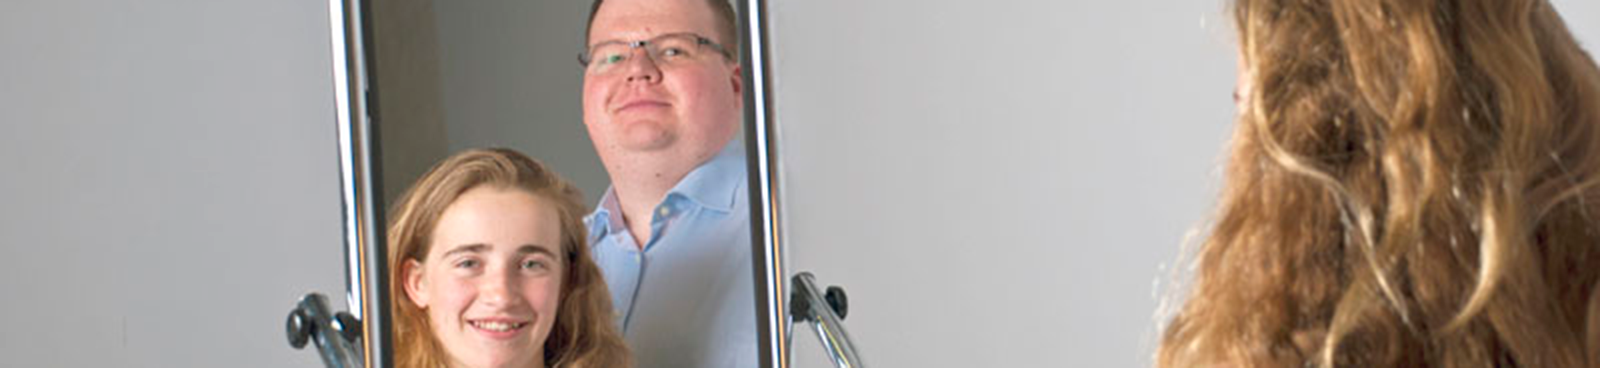 SPOT Coaching - Coach voor pubers en jongvolwassene in Harderwijk - Paul Middendorp